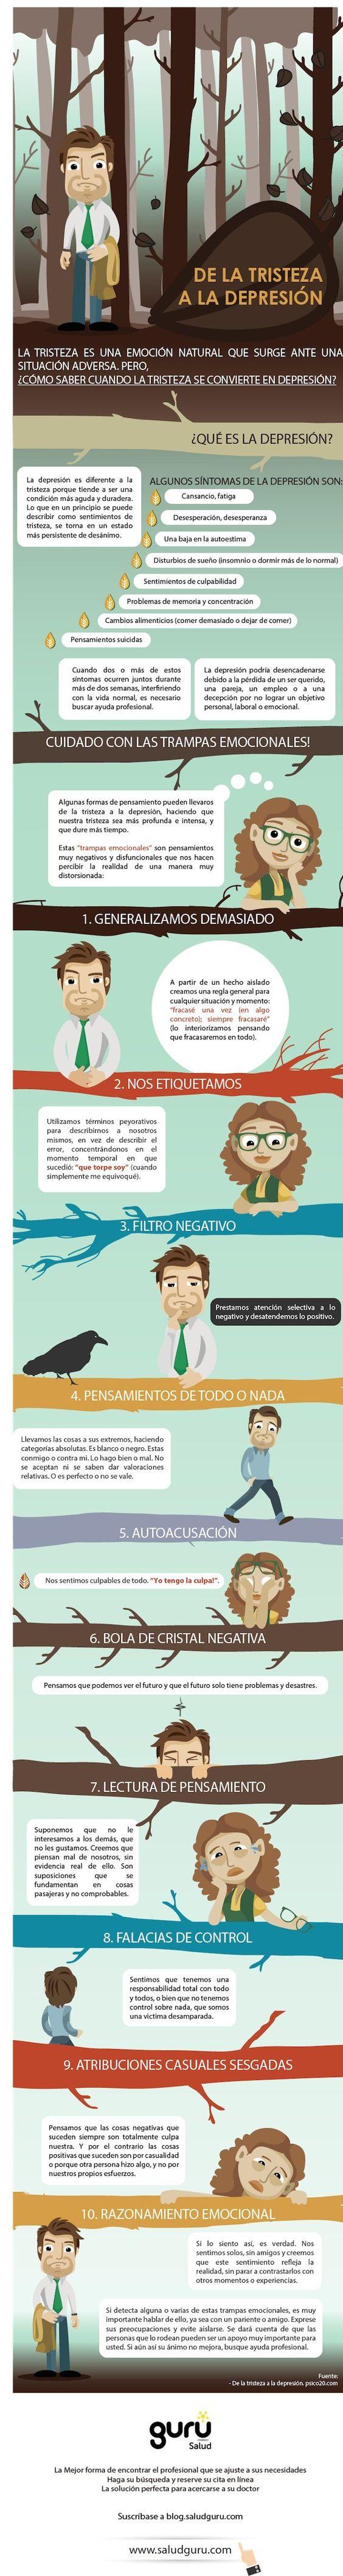 De la #tristeza a la #depresion #infografia vivir con depresión                                                                                                                                                     Más: